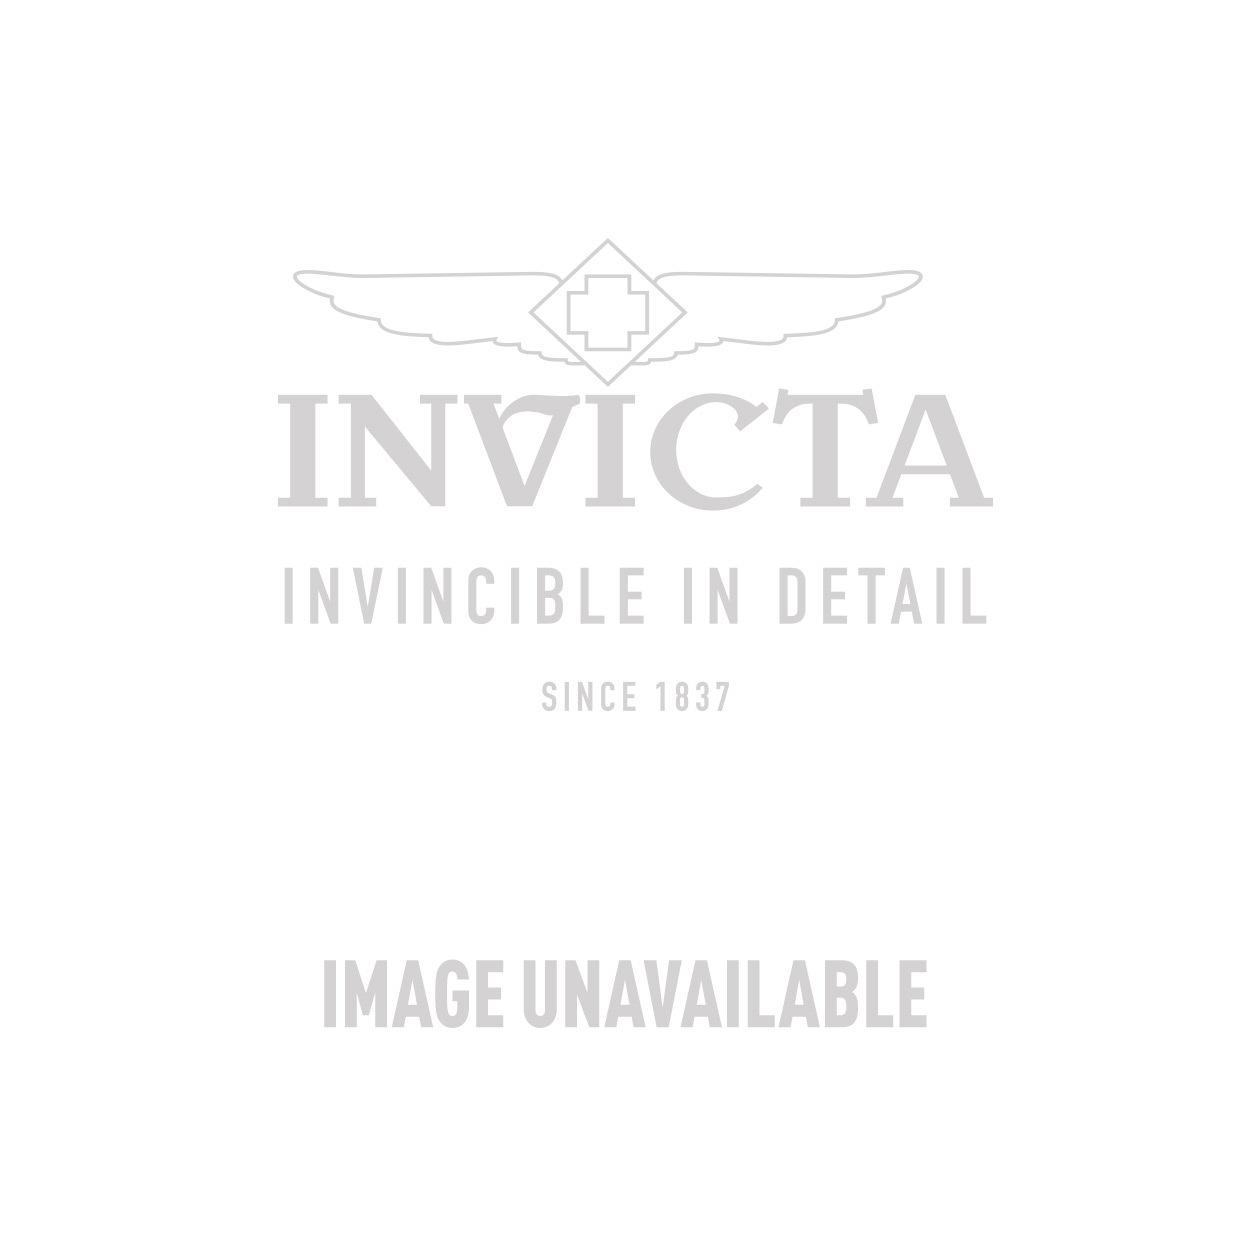 Invicta DNA Mens Quartz 46mm Gold Case Grey, Black Dial - Model 25047